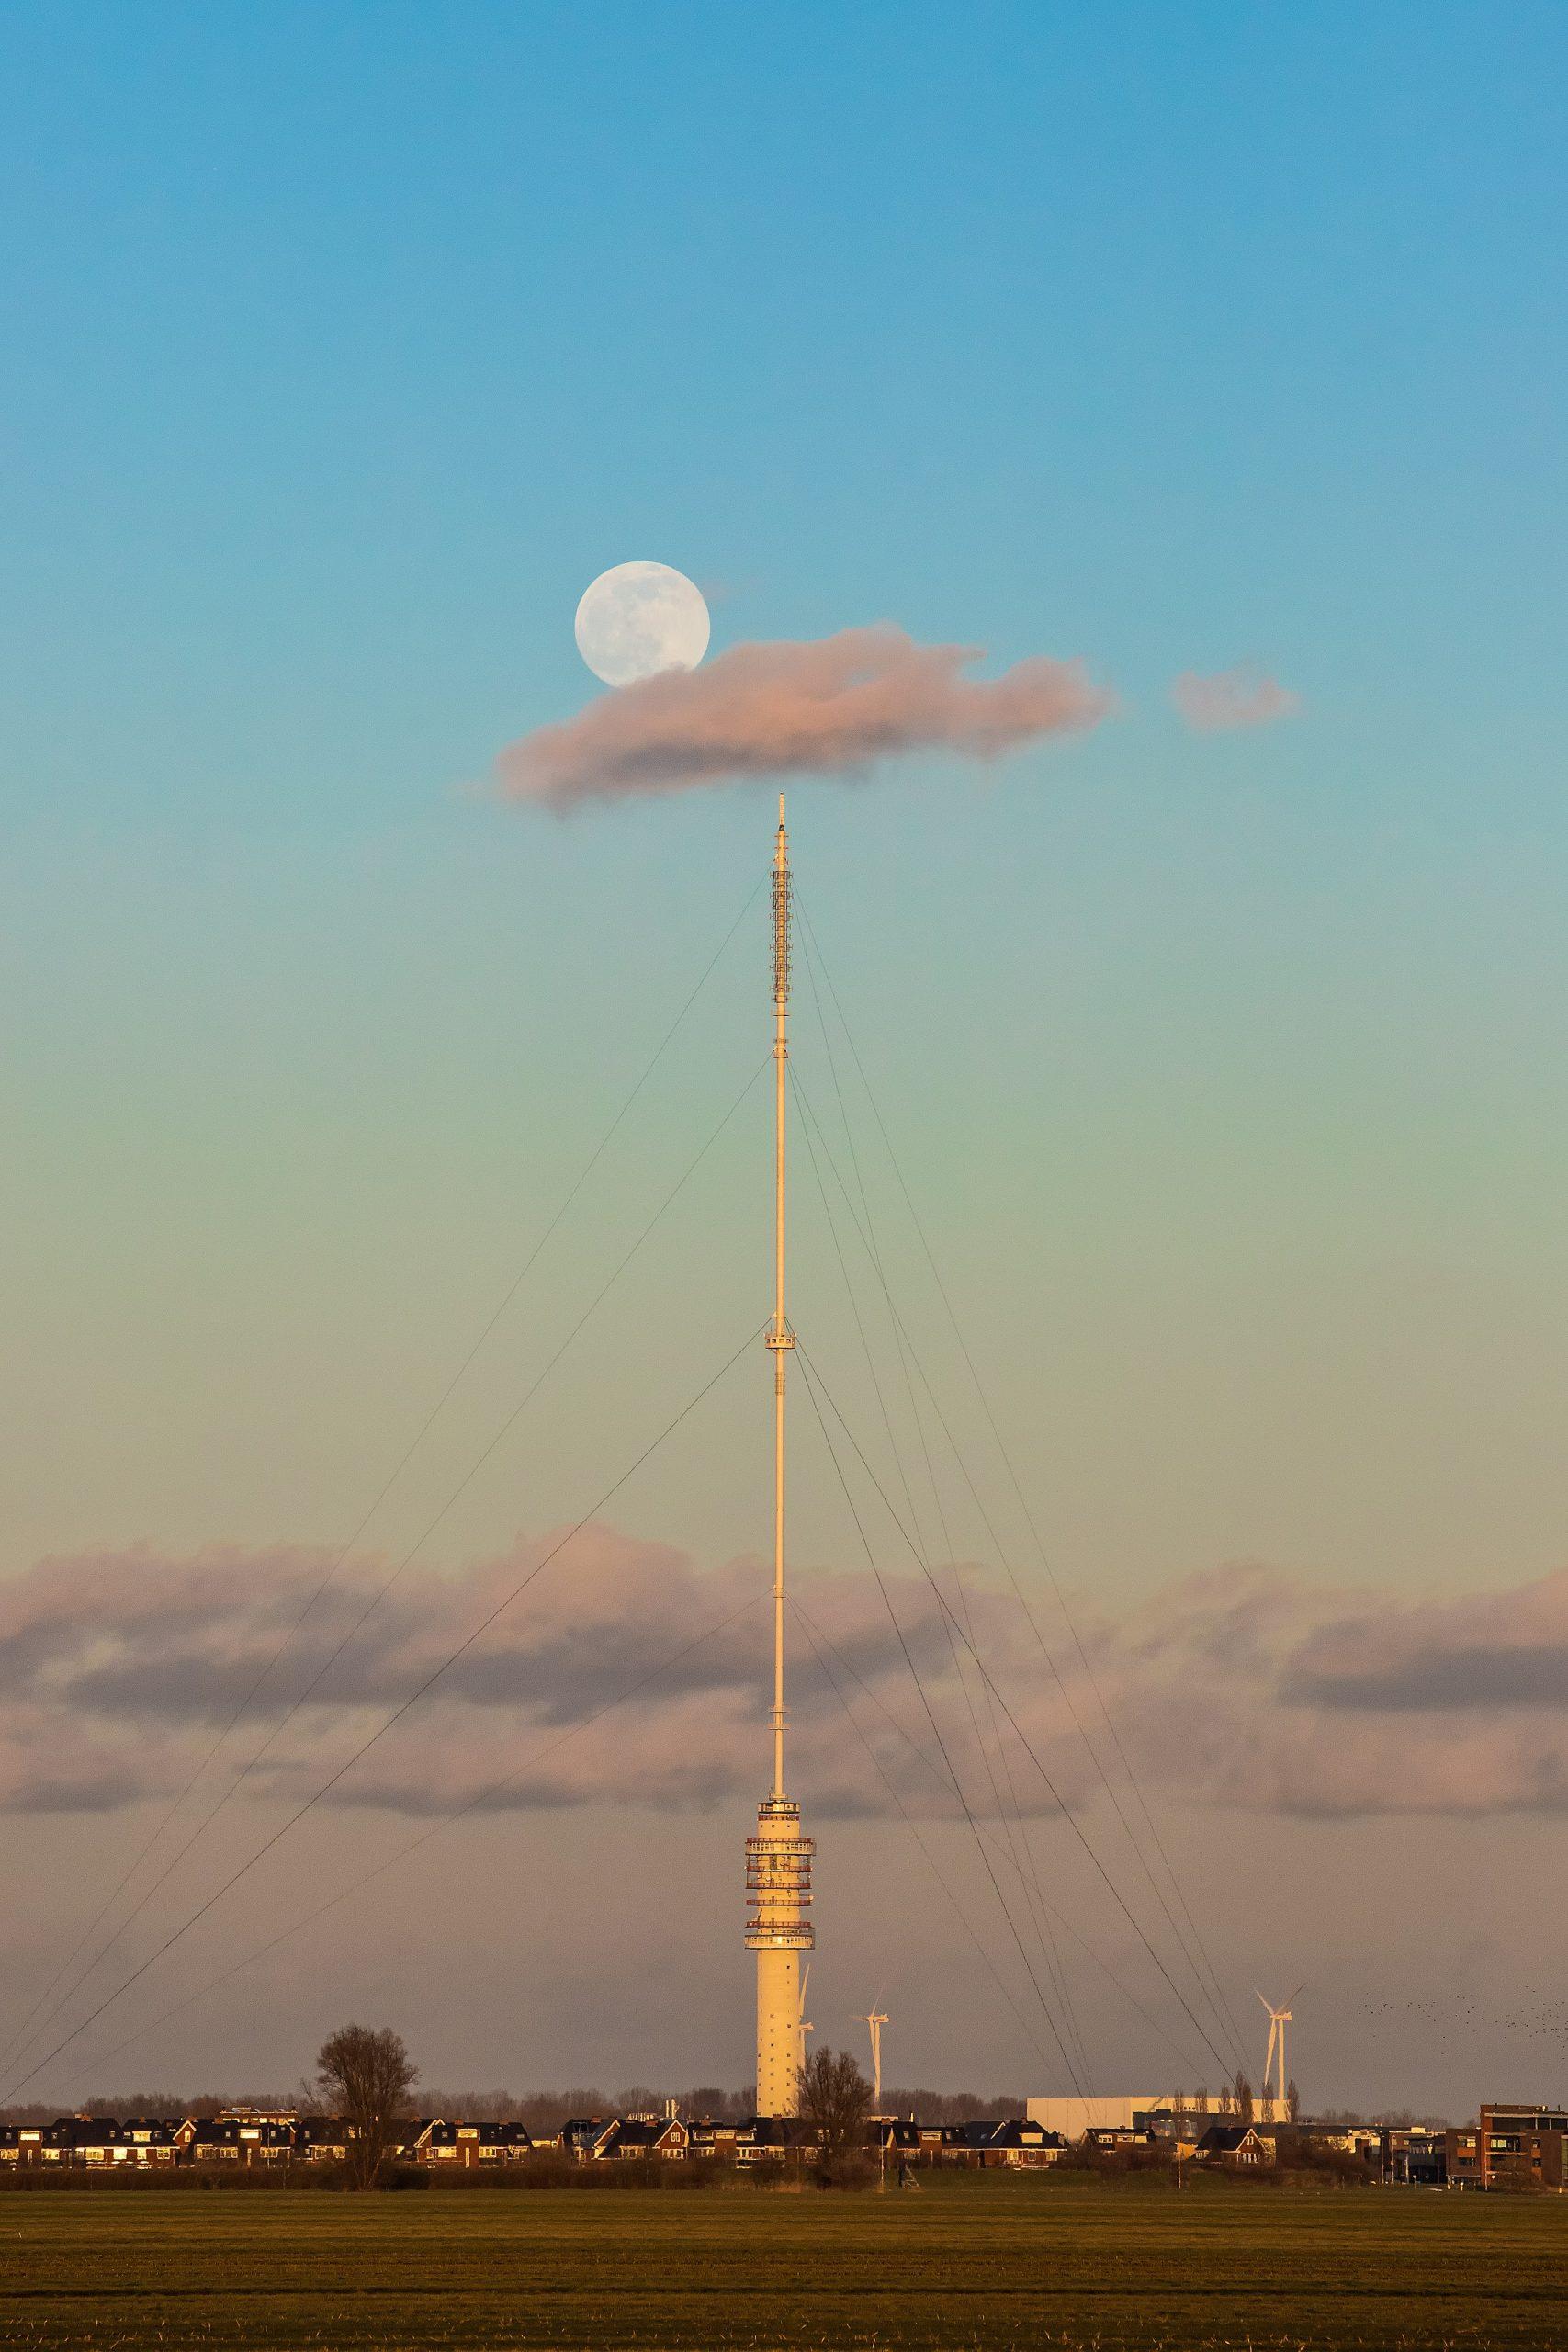 2e: Peter van Haastrecht met Volle maan - Momenten van Leven Fotowedstrijd IJsselstein 2021